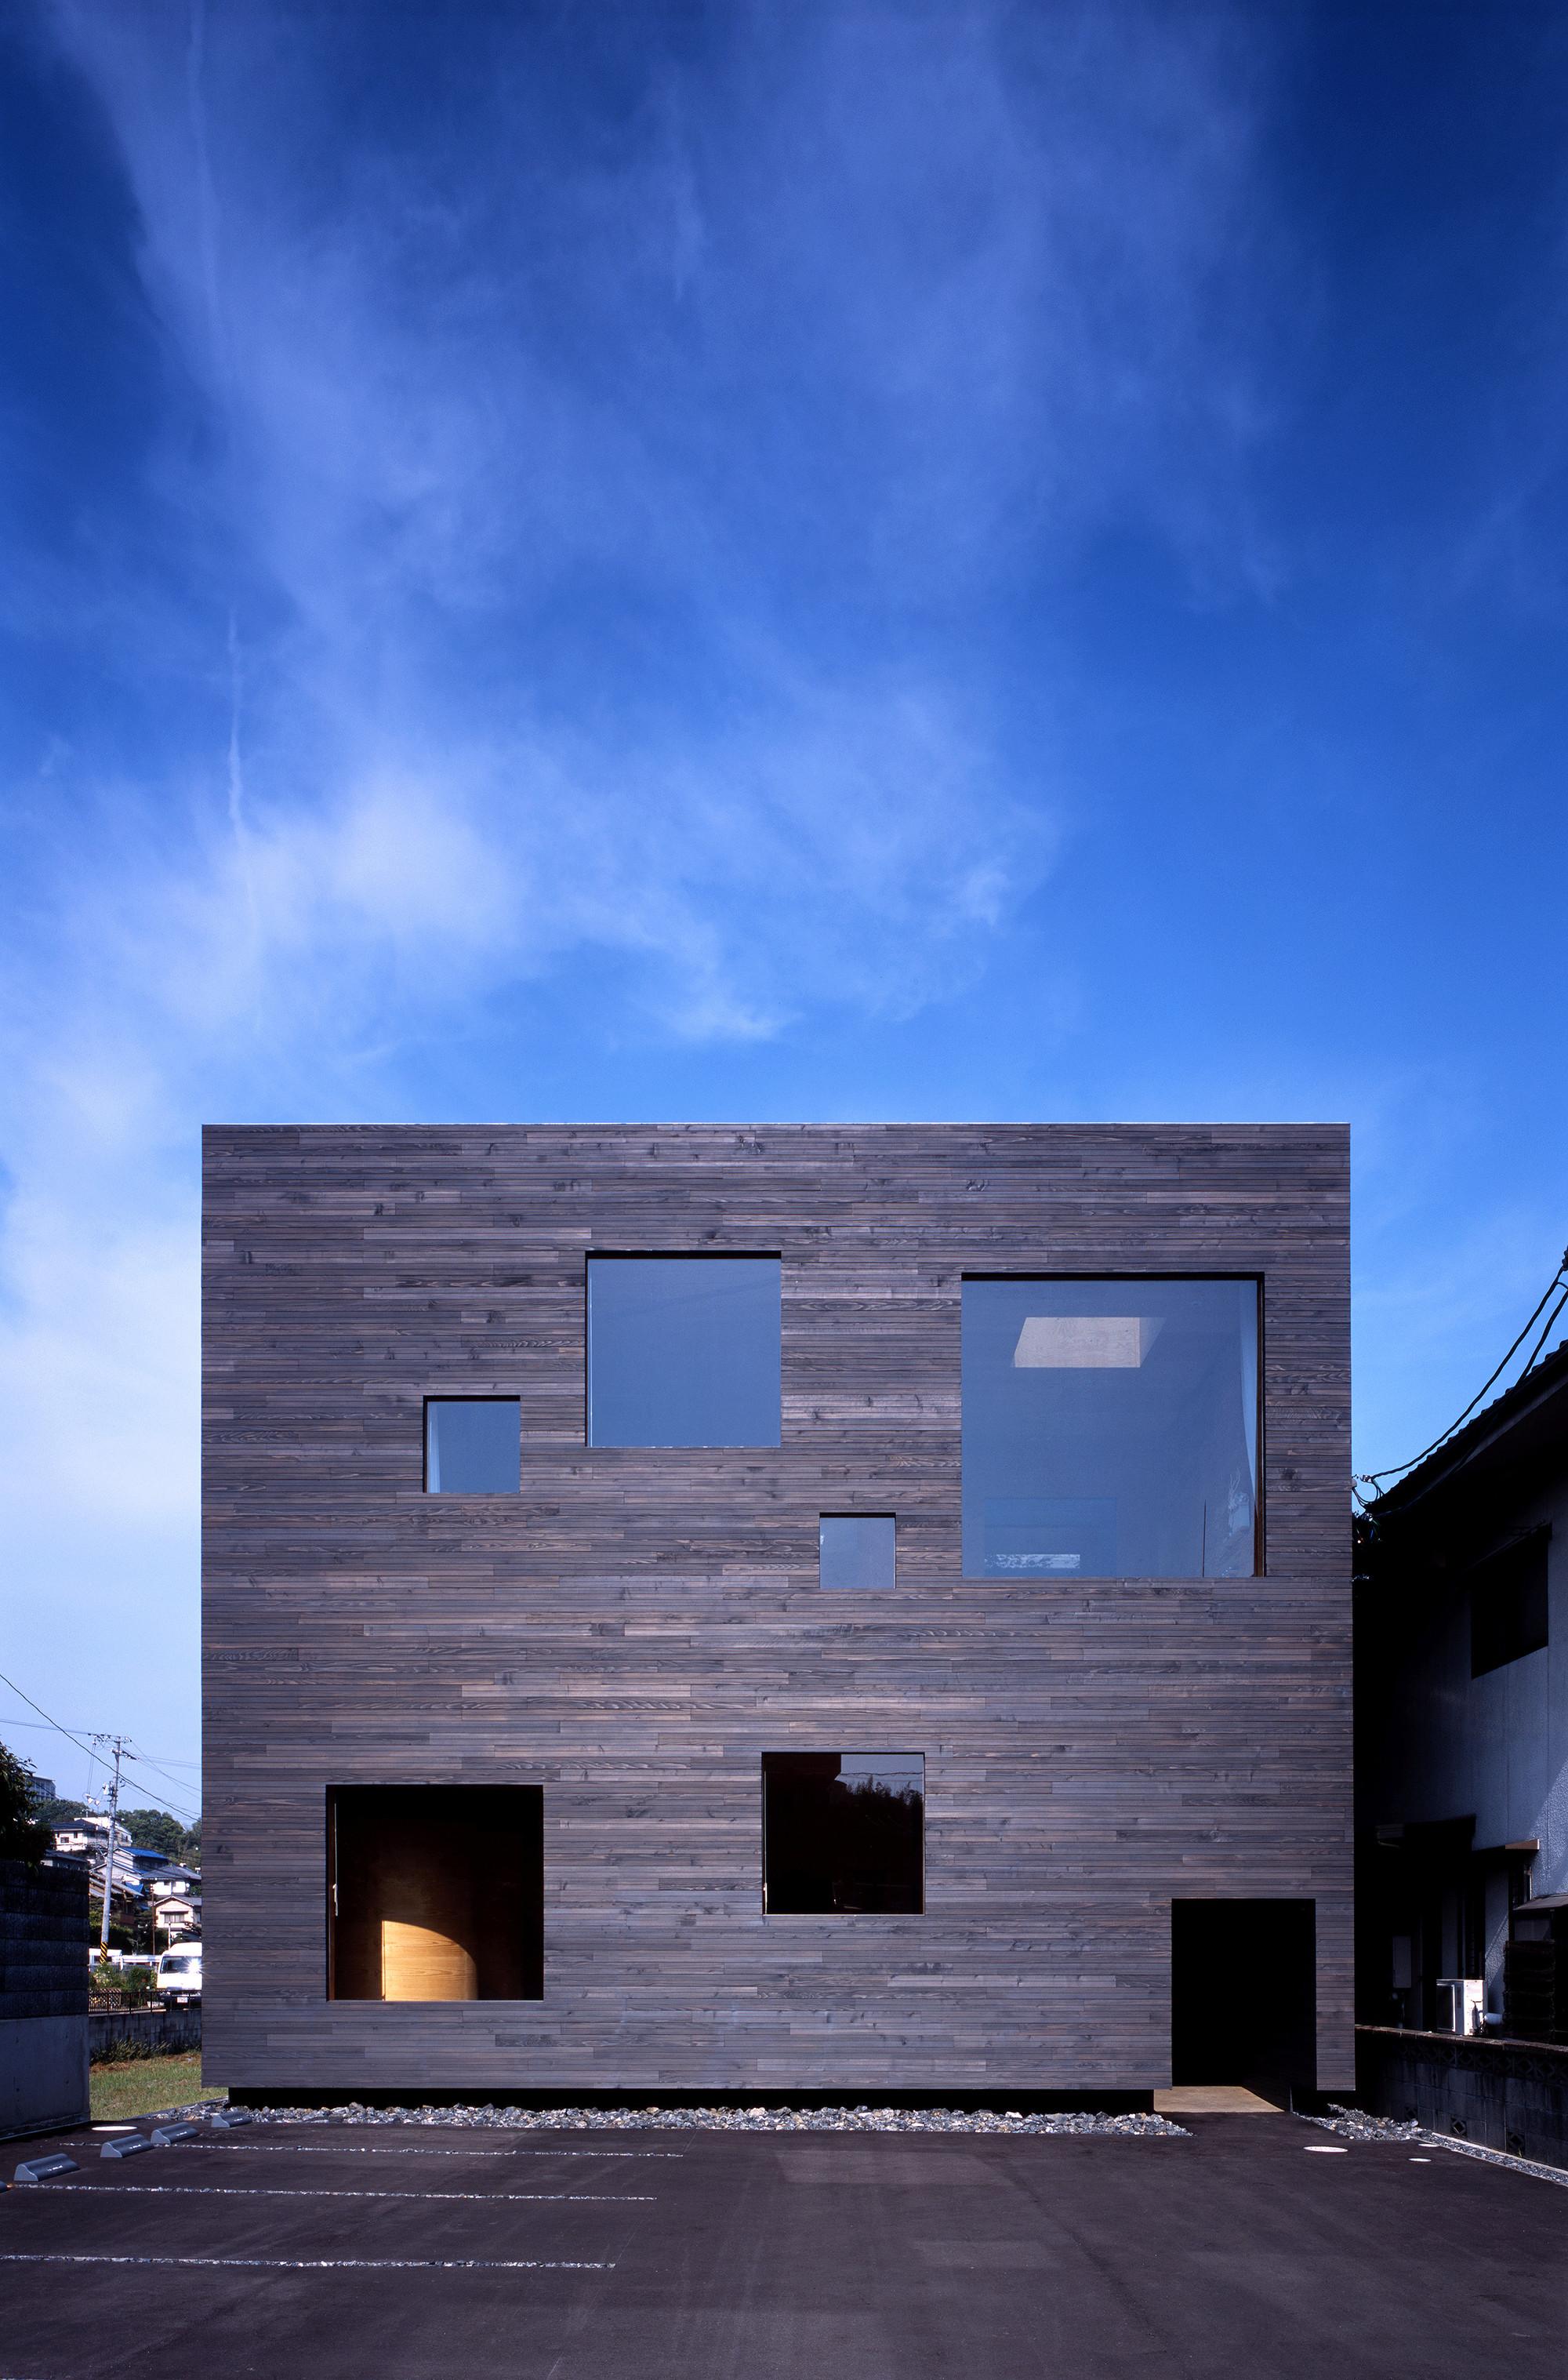 Mori x Hako / UID Architects, © Hiroshi Ueda